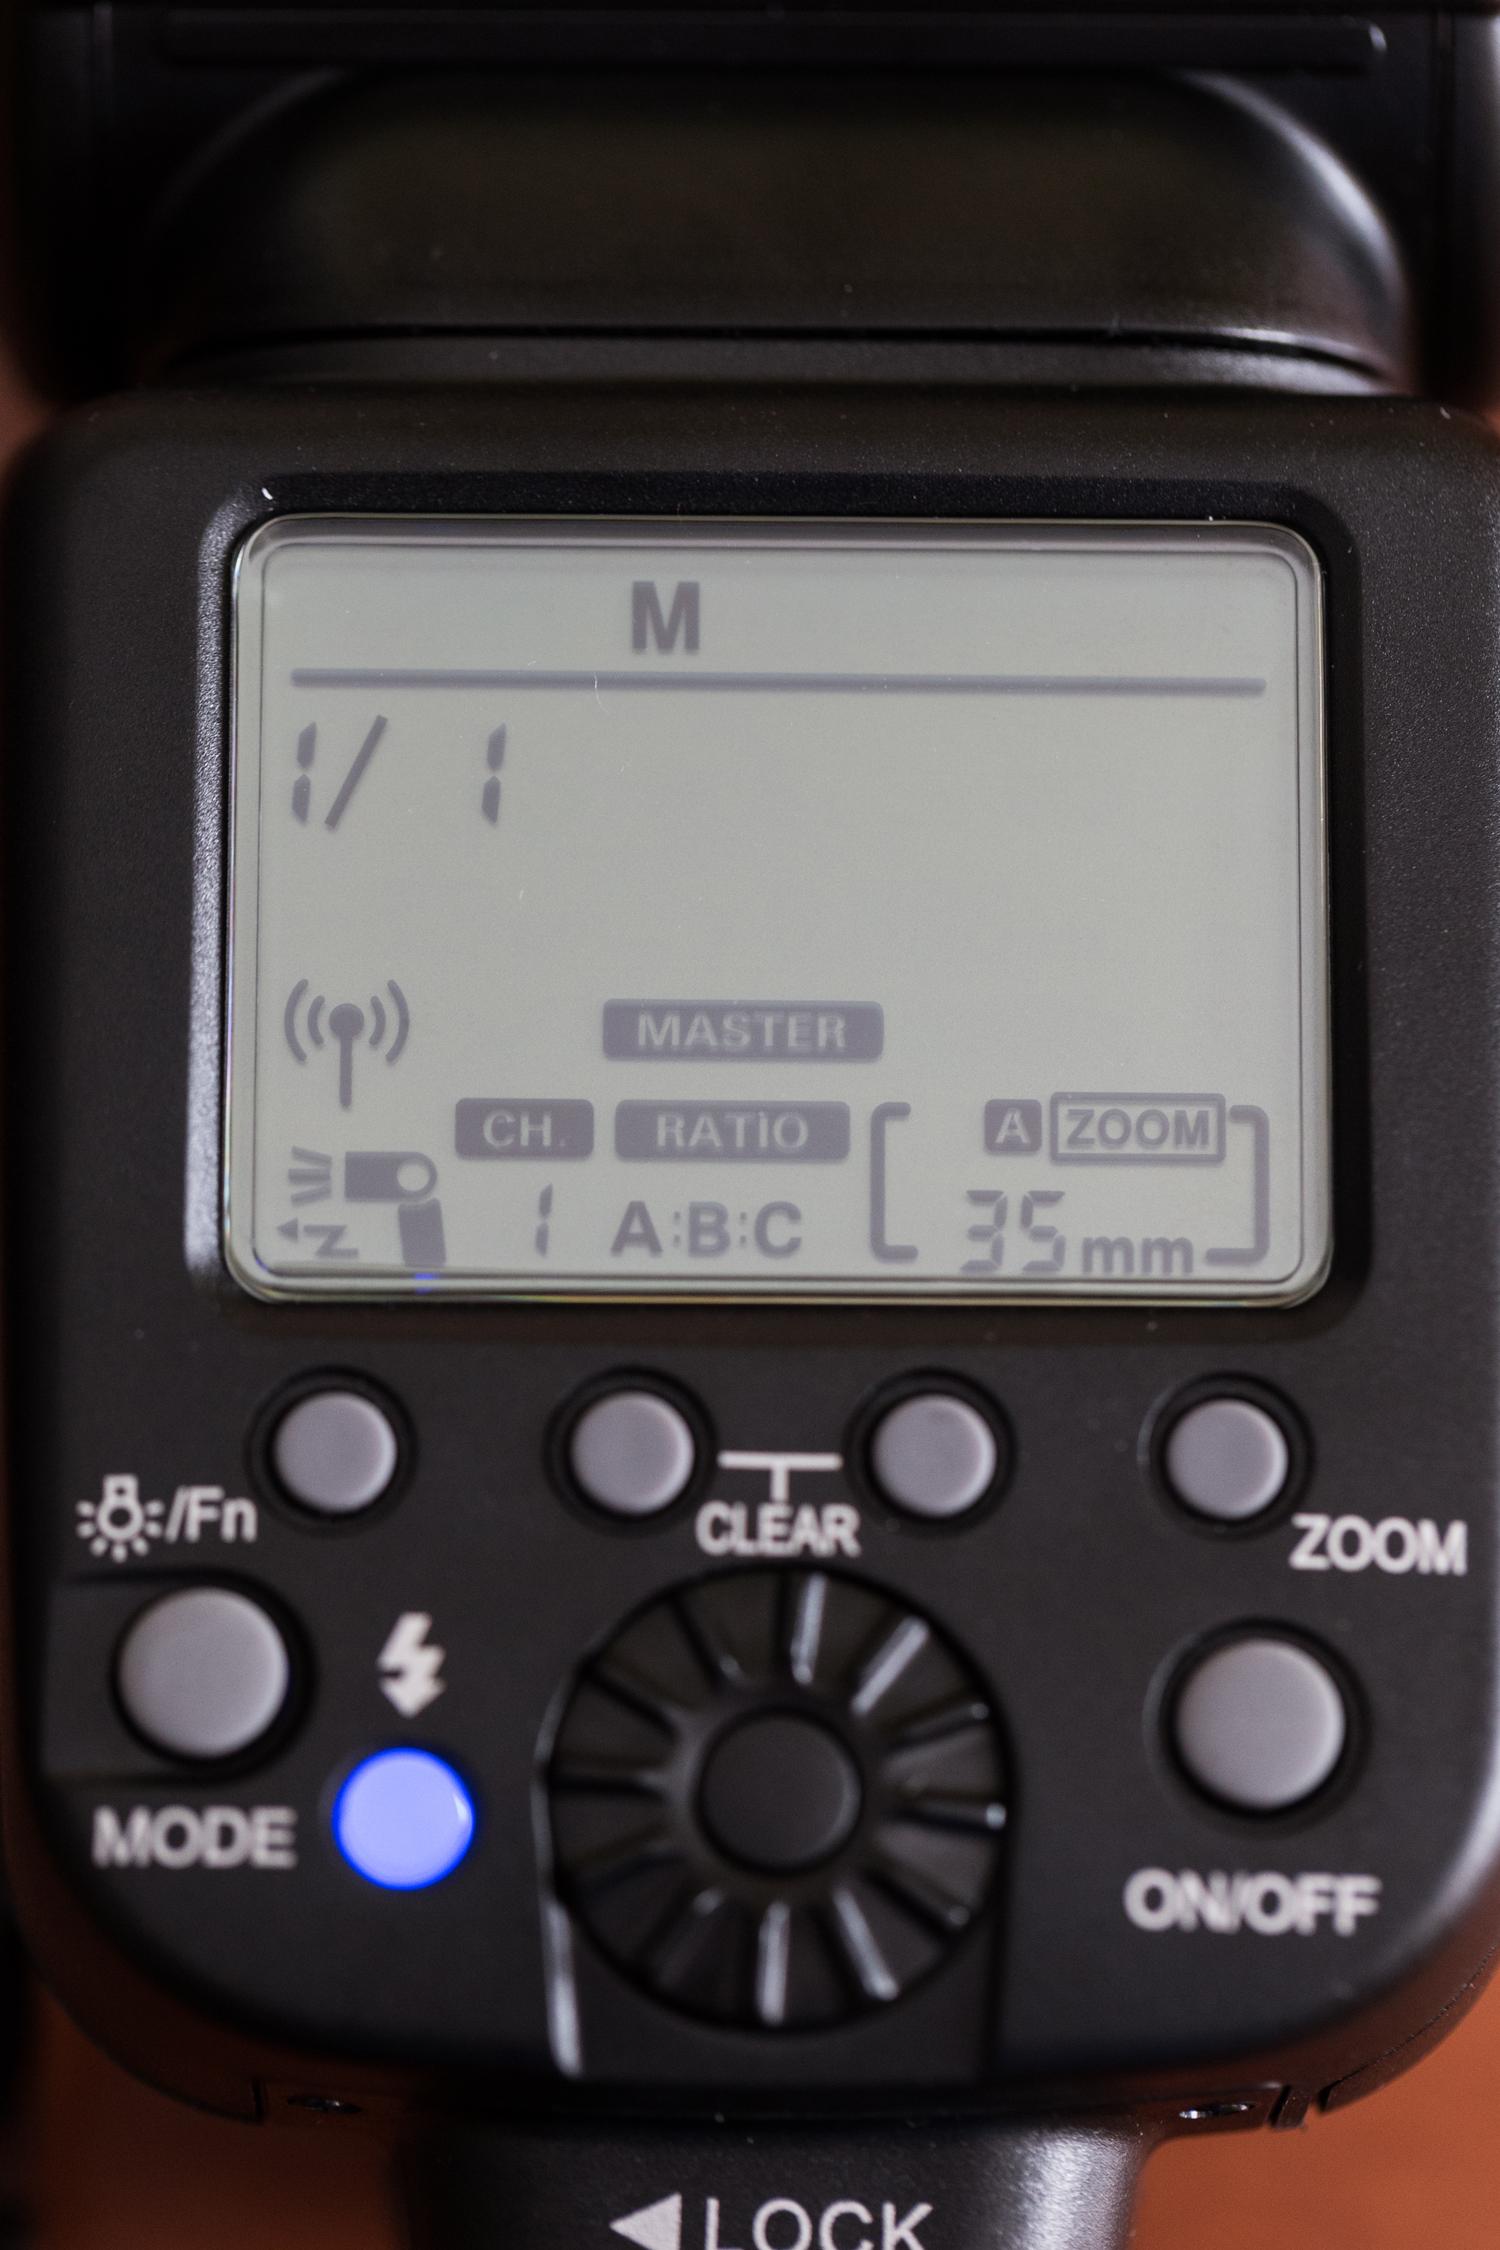 Configuración Maestro por Radio Frecuencia con configuración manual en los grupos A,B y C. Manual 1/1 en el Master y Destello Activado